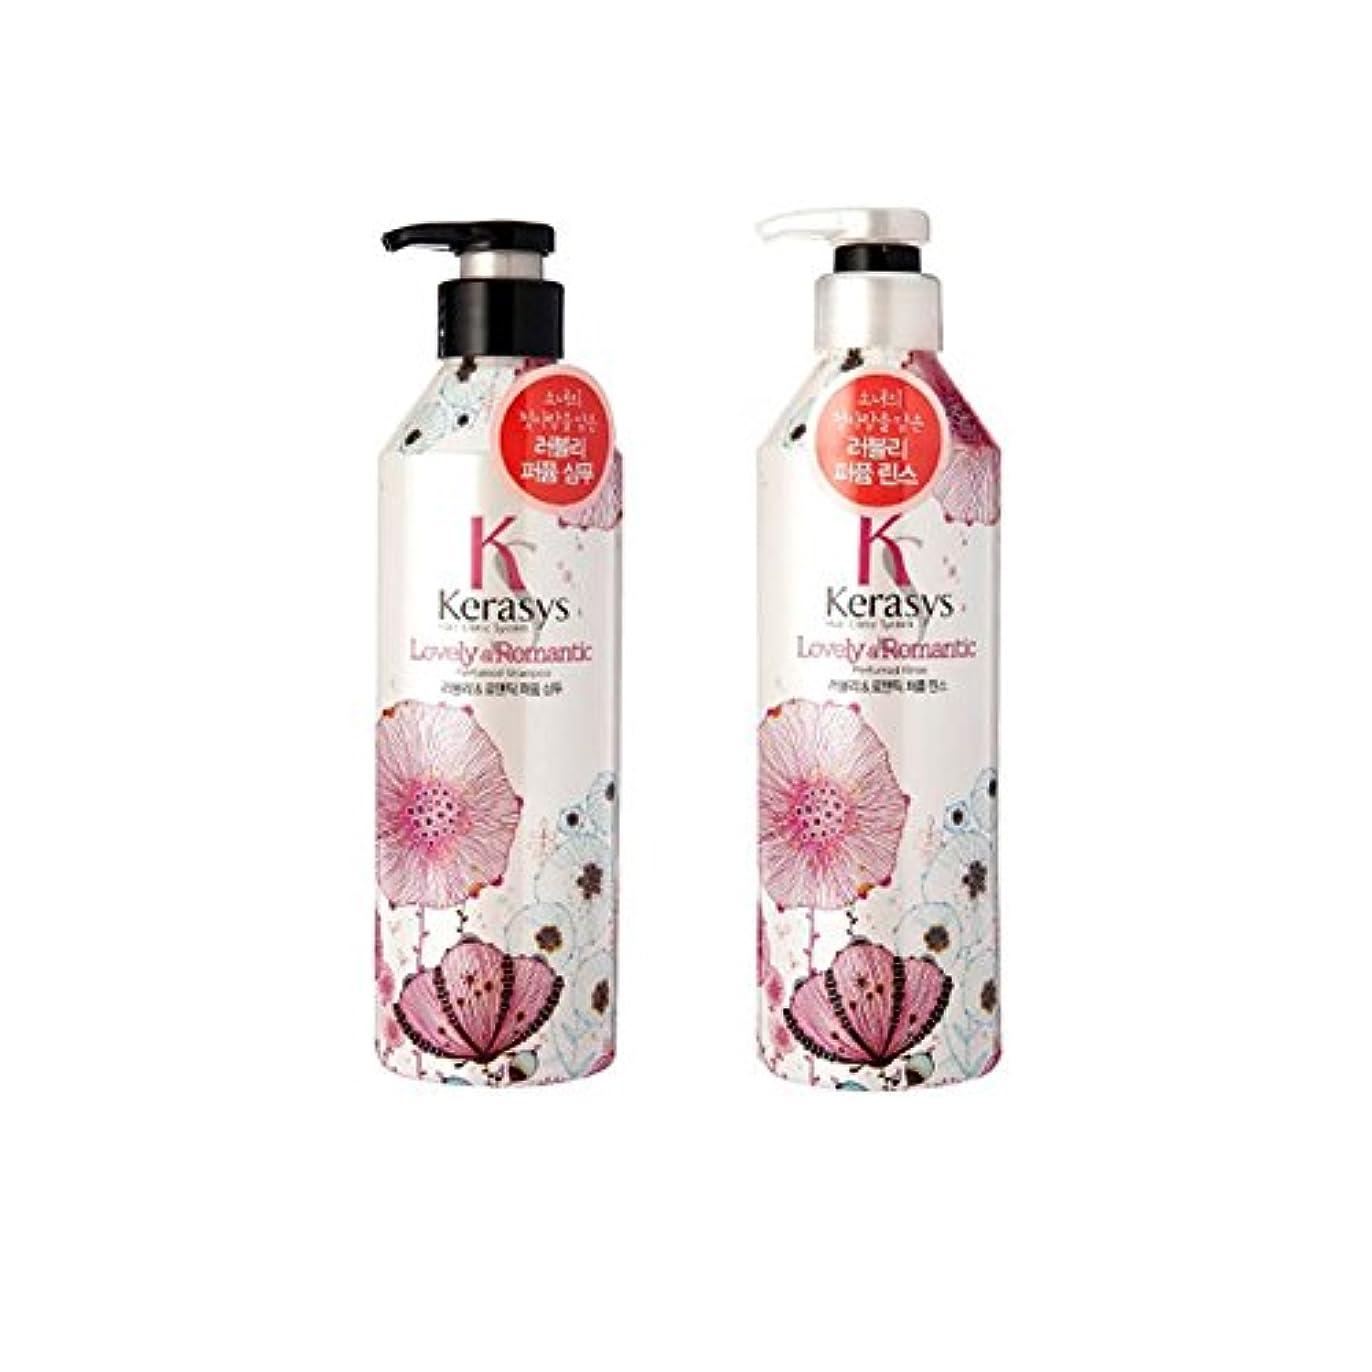 ビルダー傾いたラッシュKerasys Shampoo and Conditioner シャンプー そして リンス(コンディショナー) それぞれ 600ml  (海外直送品) (Lovely Romantic)